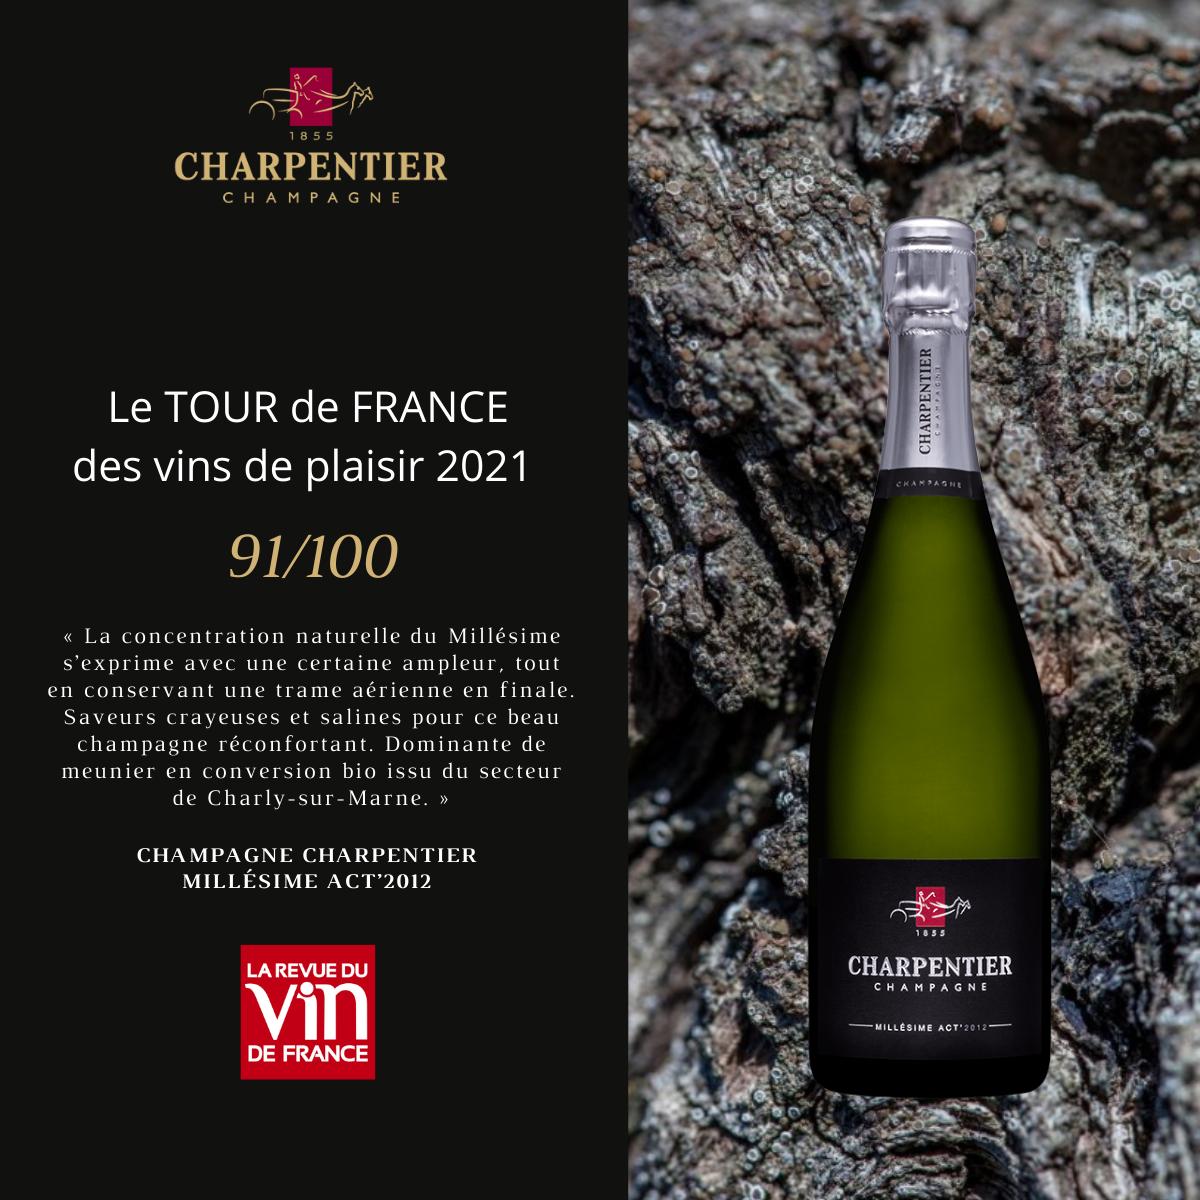 Champagne-Charpentier-La-revue-du-vin-de-France